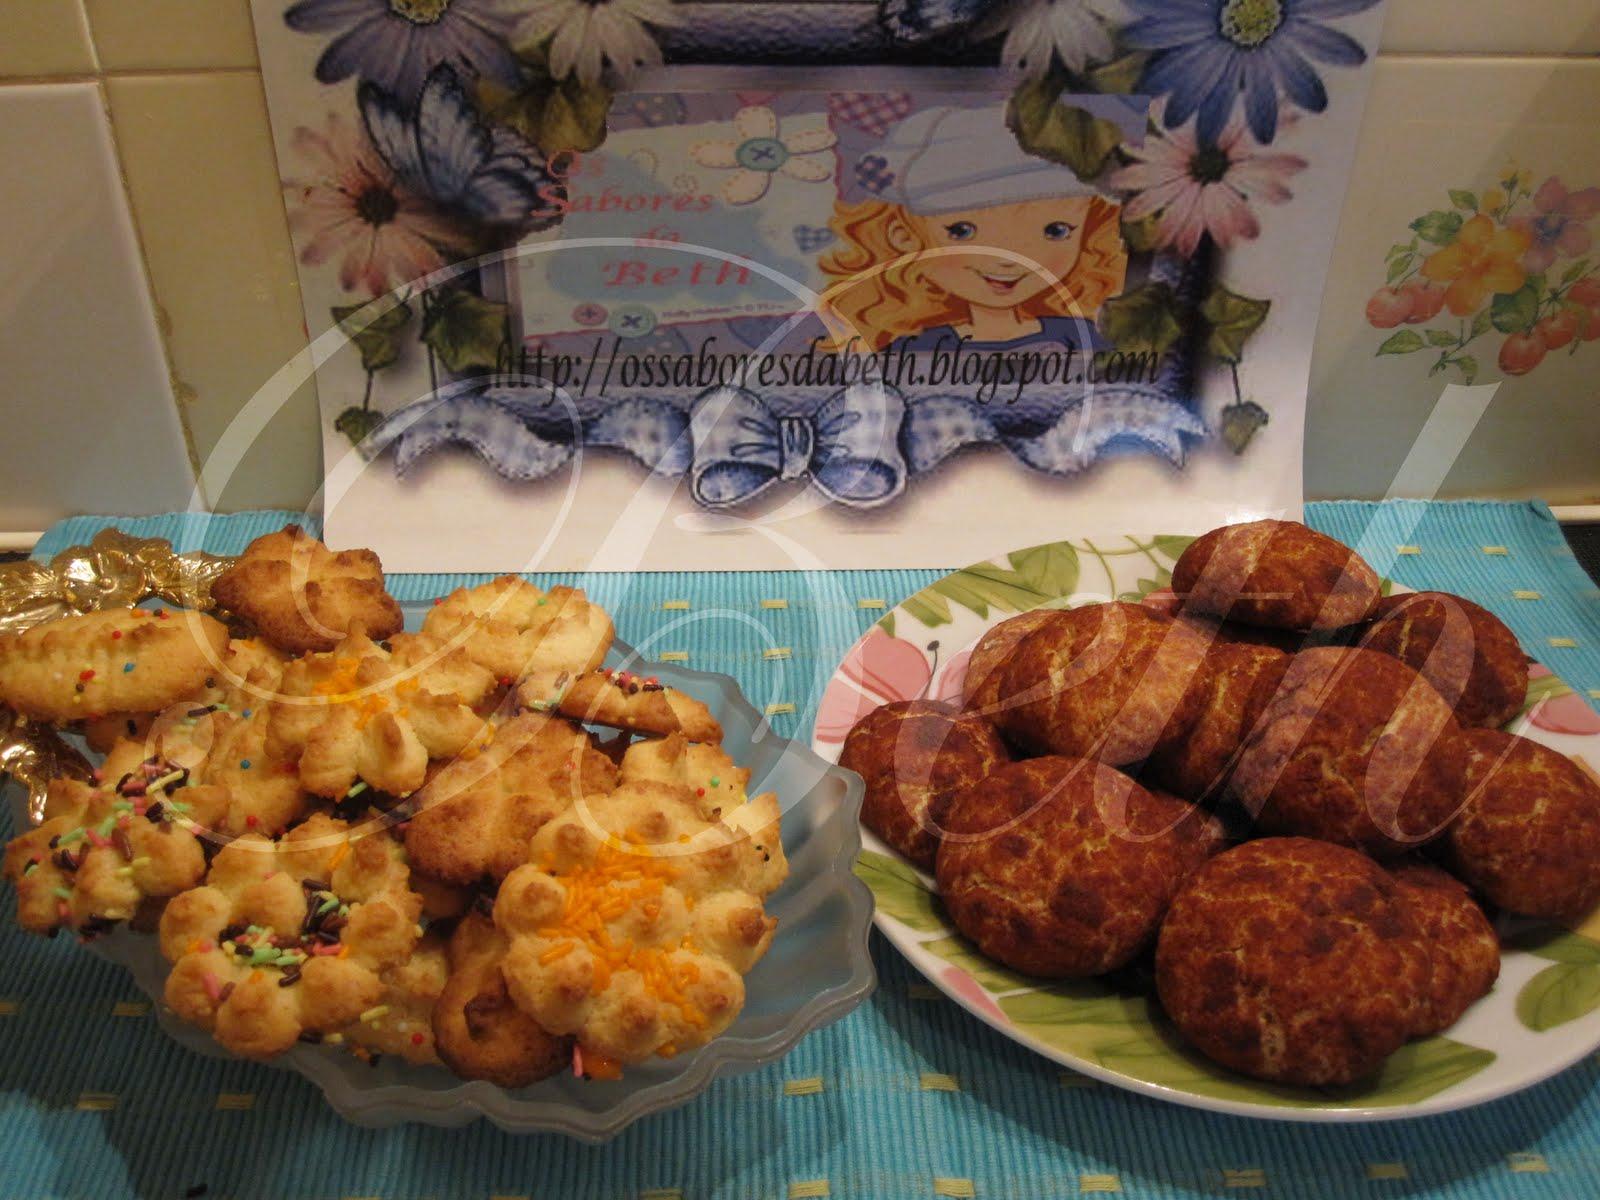 biscuits au coco et beurre biscoitos de coco e margarina blogs de cuisine. Black Bedroom Furniture Sets. Home Design Ideas